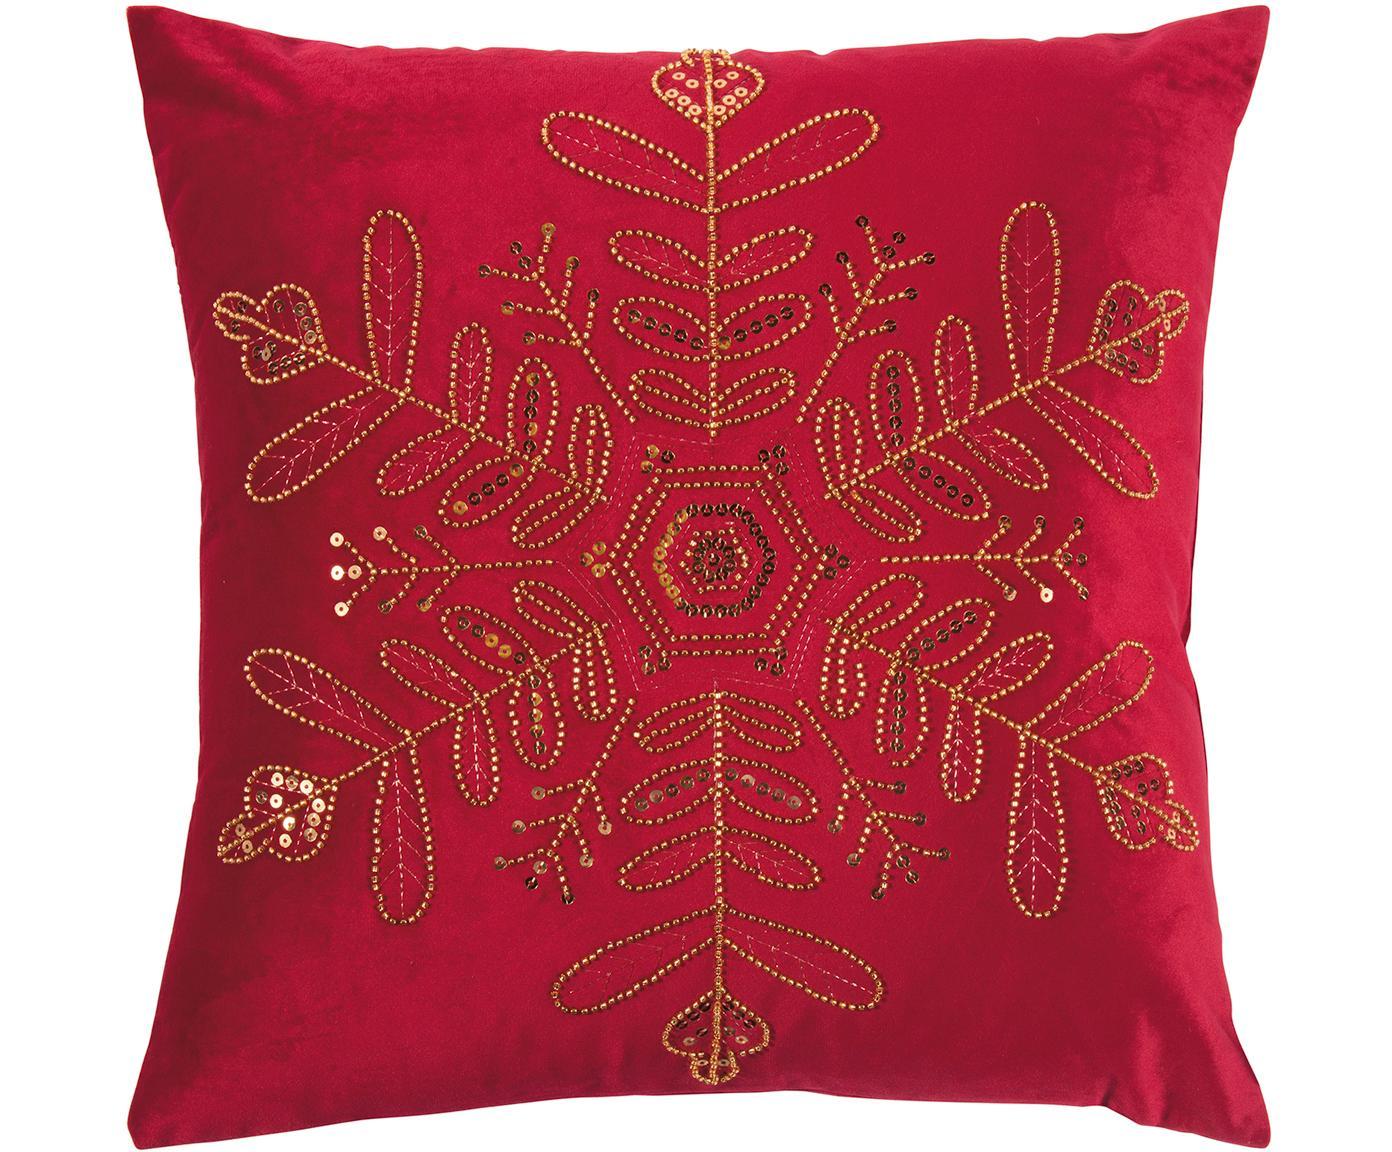 Poszewka na poduszkę z aksamitu Sparkle, Aksamit poliestrowy, Czerwony, odcienie złotego, S 45 x D 45 cm